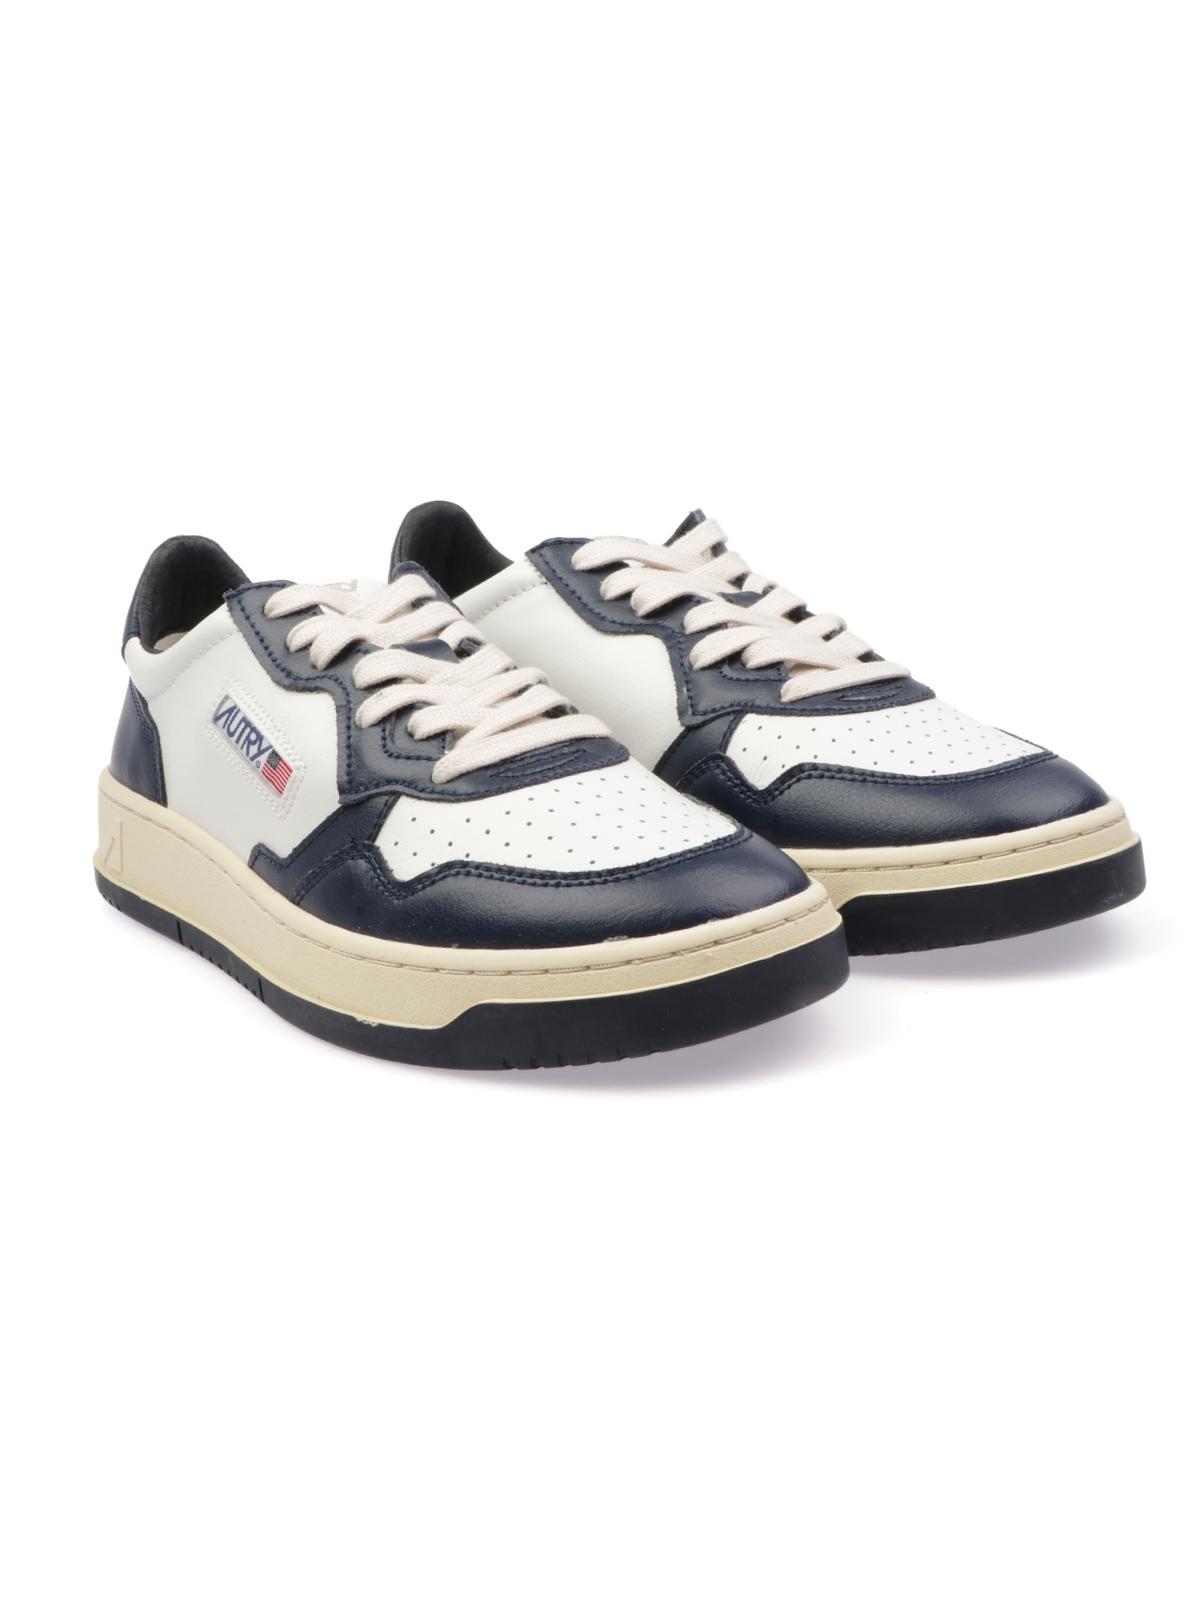 Immagine di Autry   Mocassini Sneakers